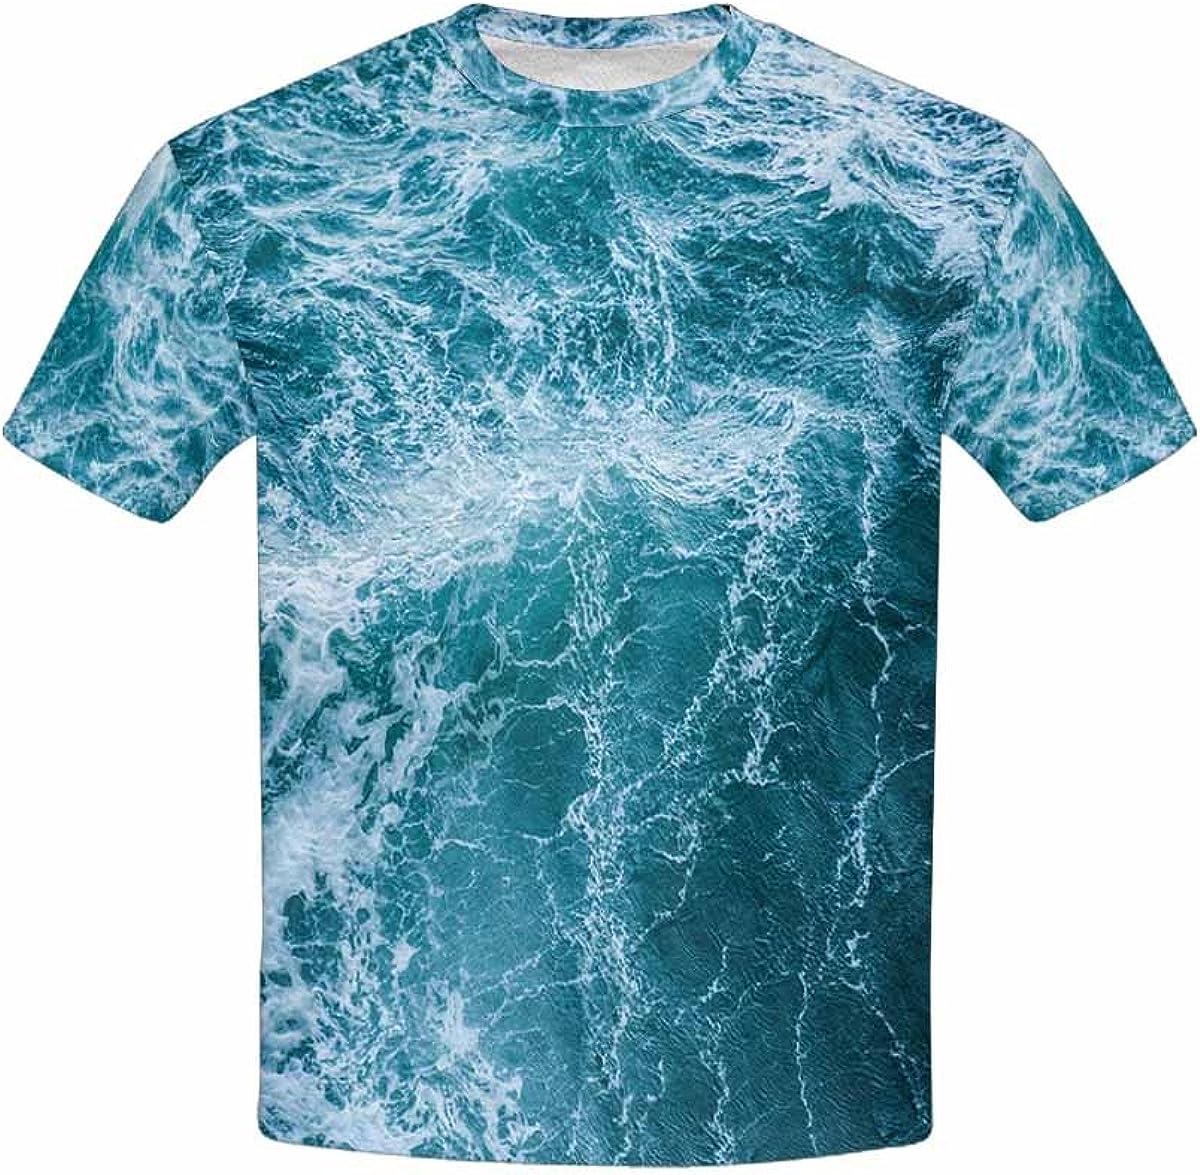 XS-XL INTERESTPRINT Kids T-Shirt Sea Waves During a Storm